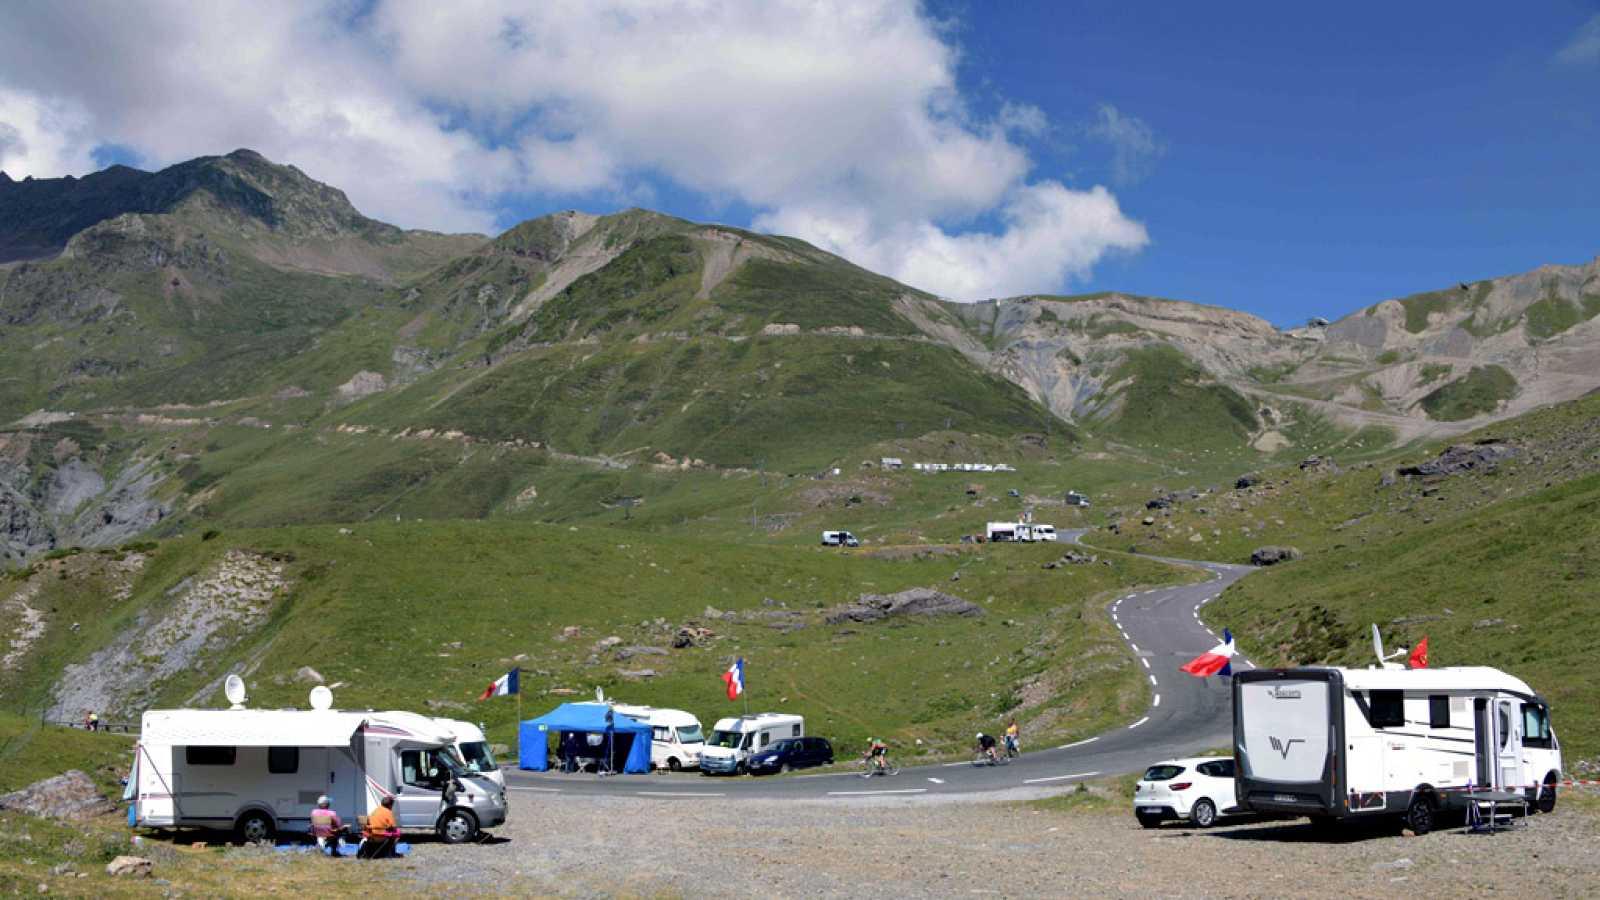 Primer final en alta montaña del Tour de Francia, un día después de la exigente crono de Pau, meta en el Tourmalet de una etapa corta, 117,5 kilómetros que comenzarán en Tarbes.